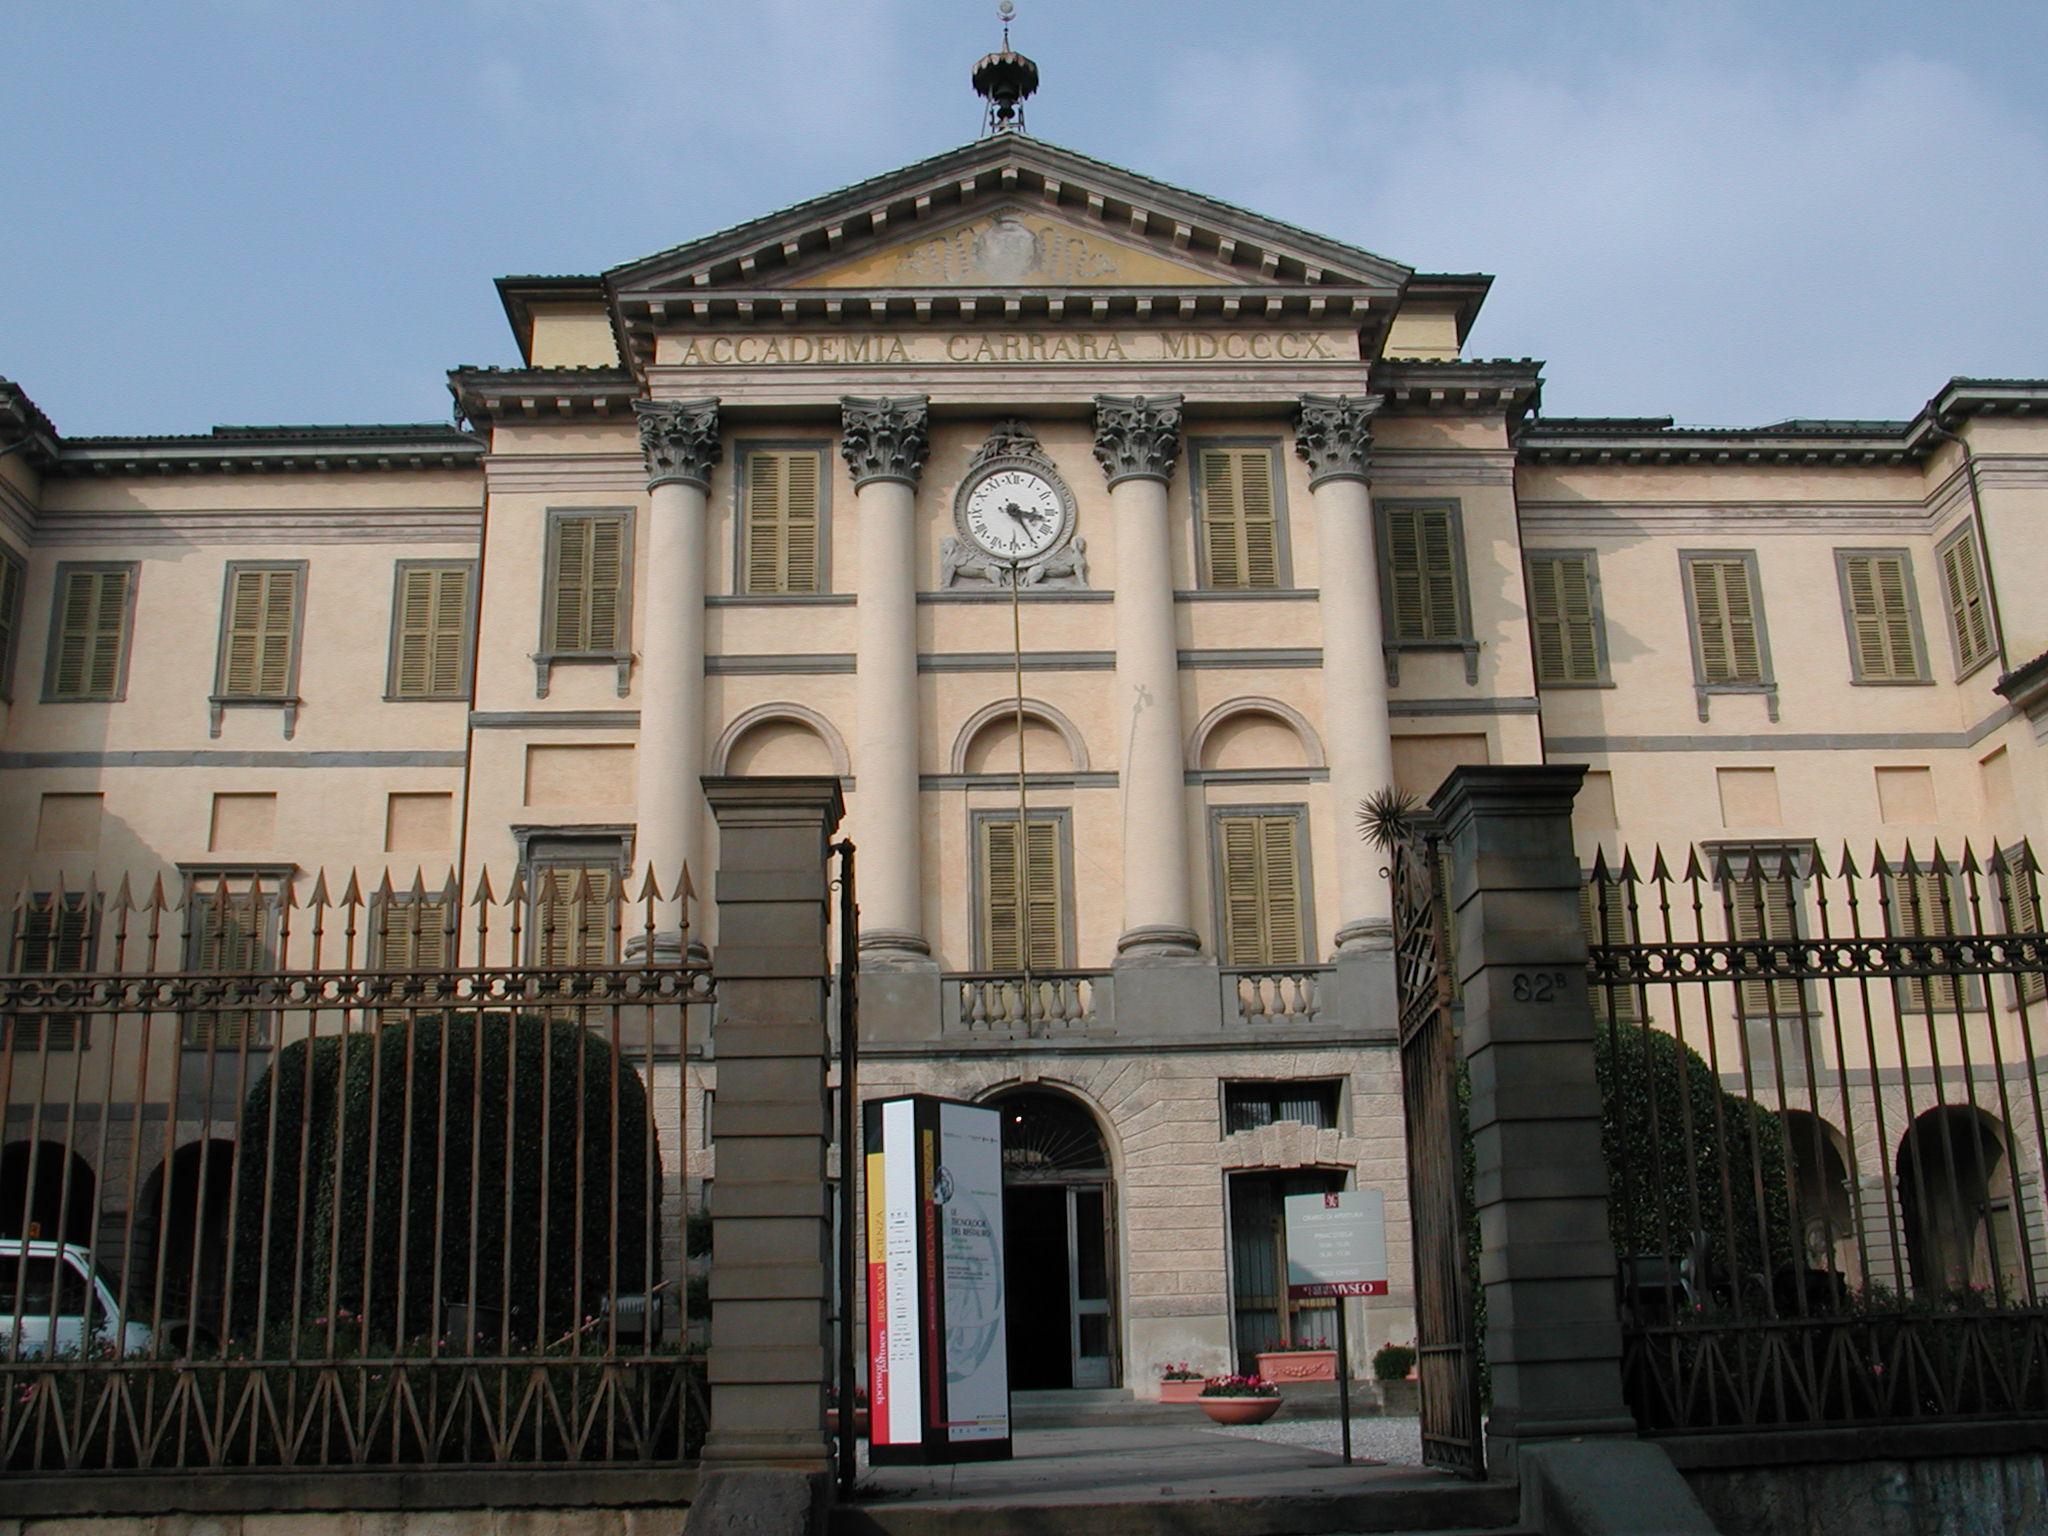 Accademia carrara di belle arti di bergamo for Accademia belle arti design